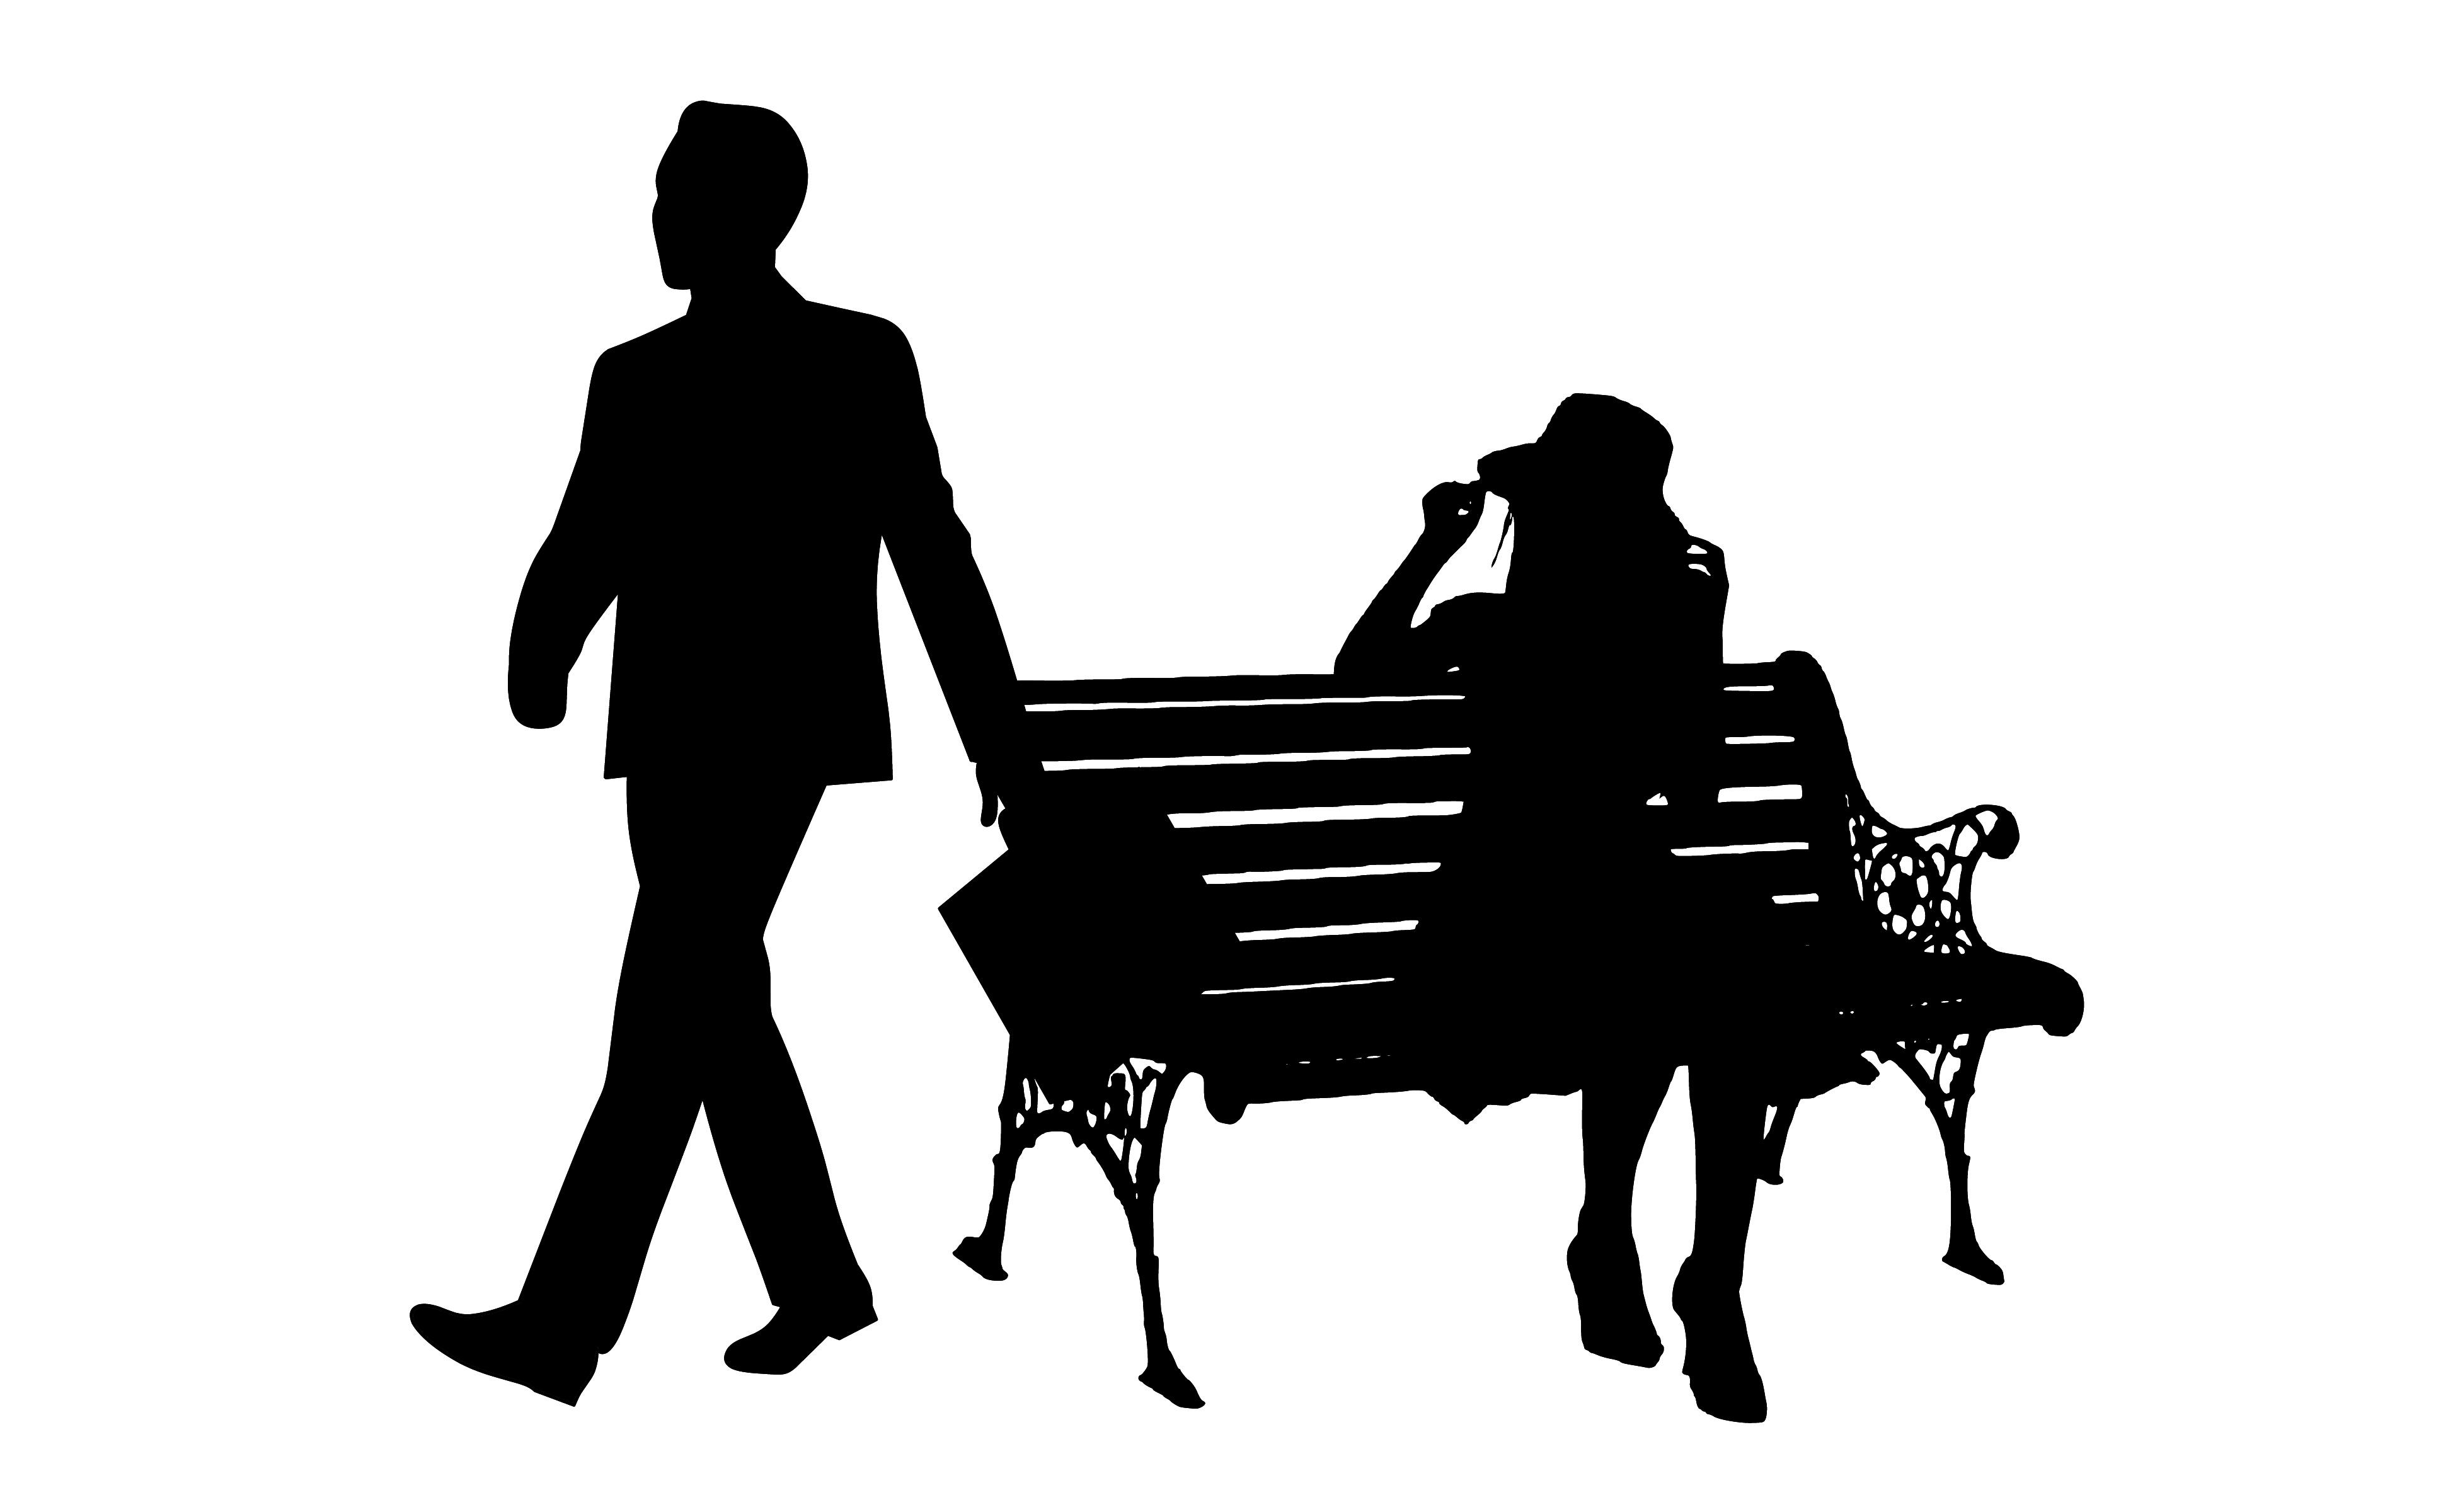 Как отбить парня у другой девушки: способы и опасные ошибки